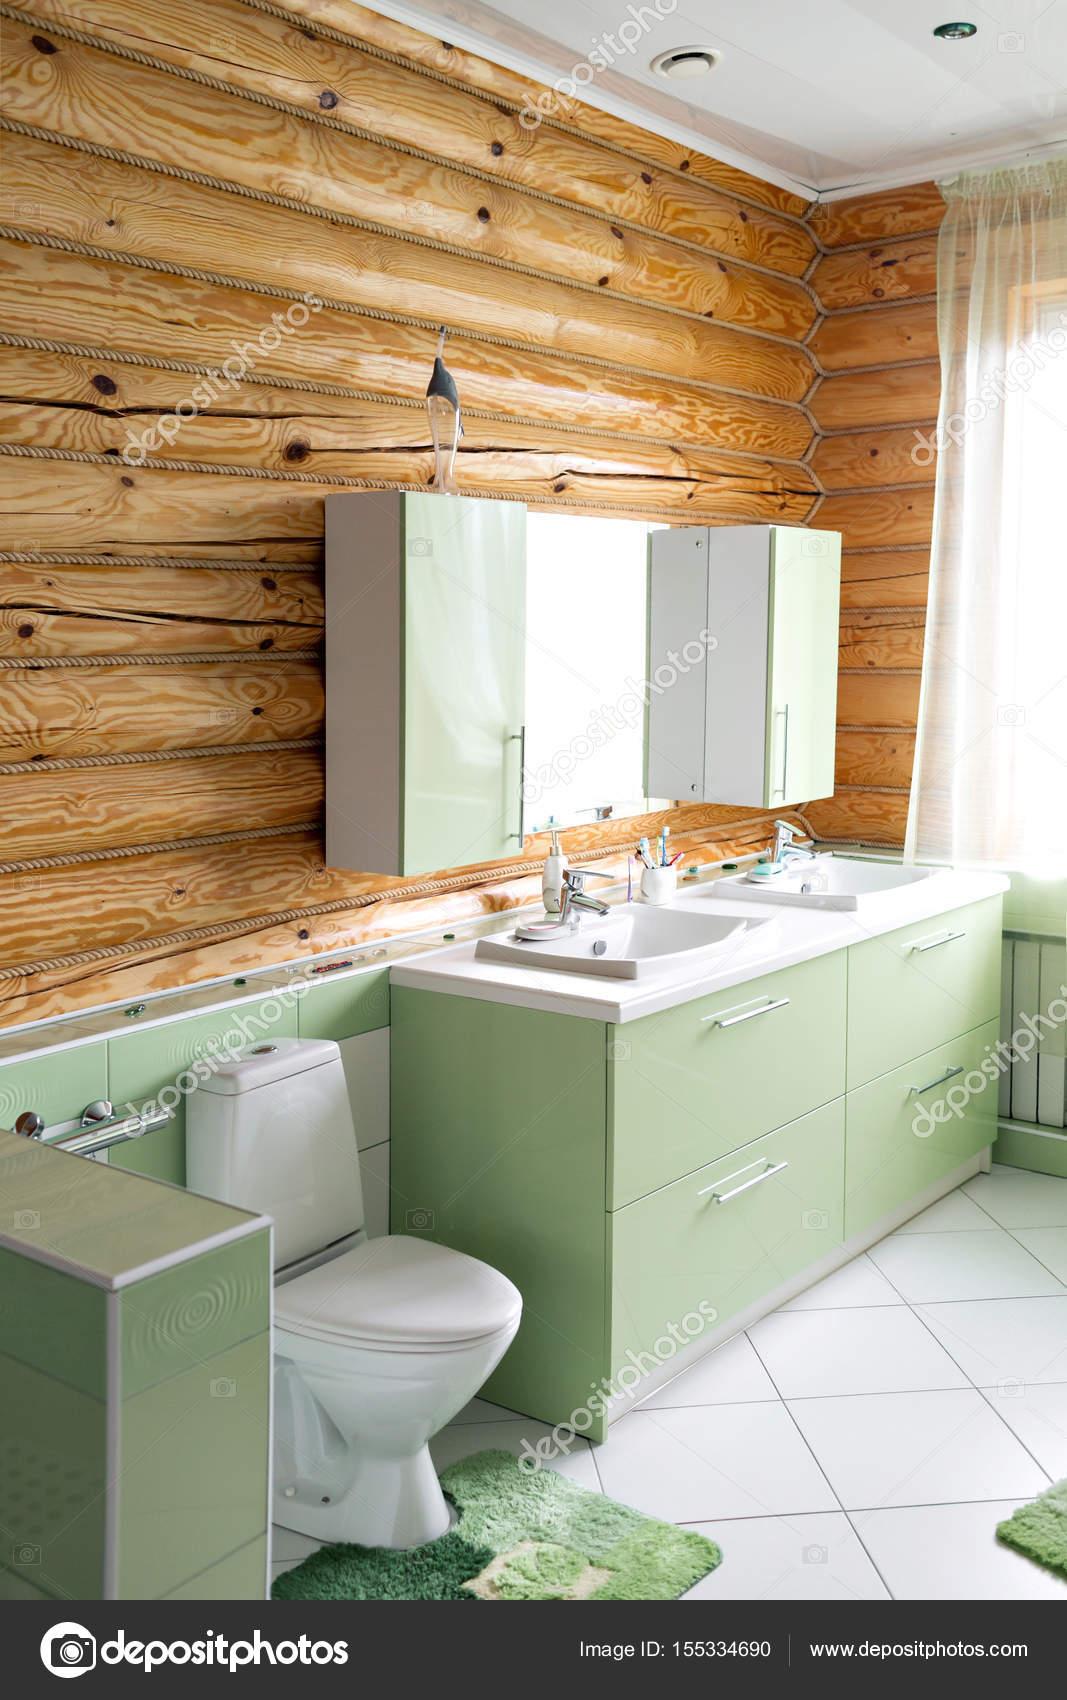 łazienka W Stylu Rustykalnym Domku W Górach Z Pięknym